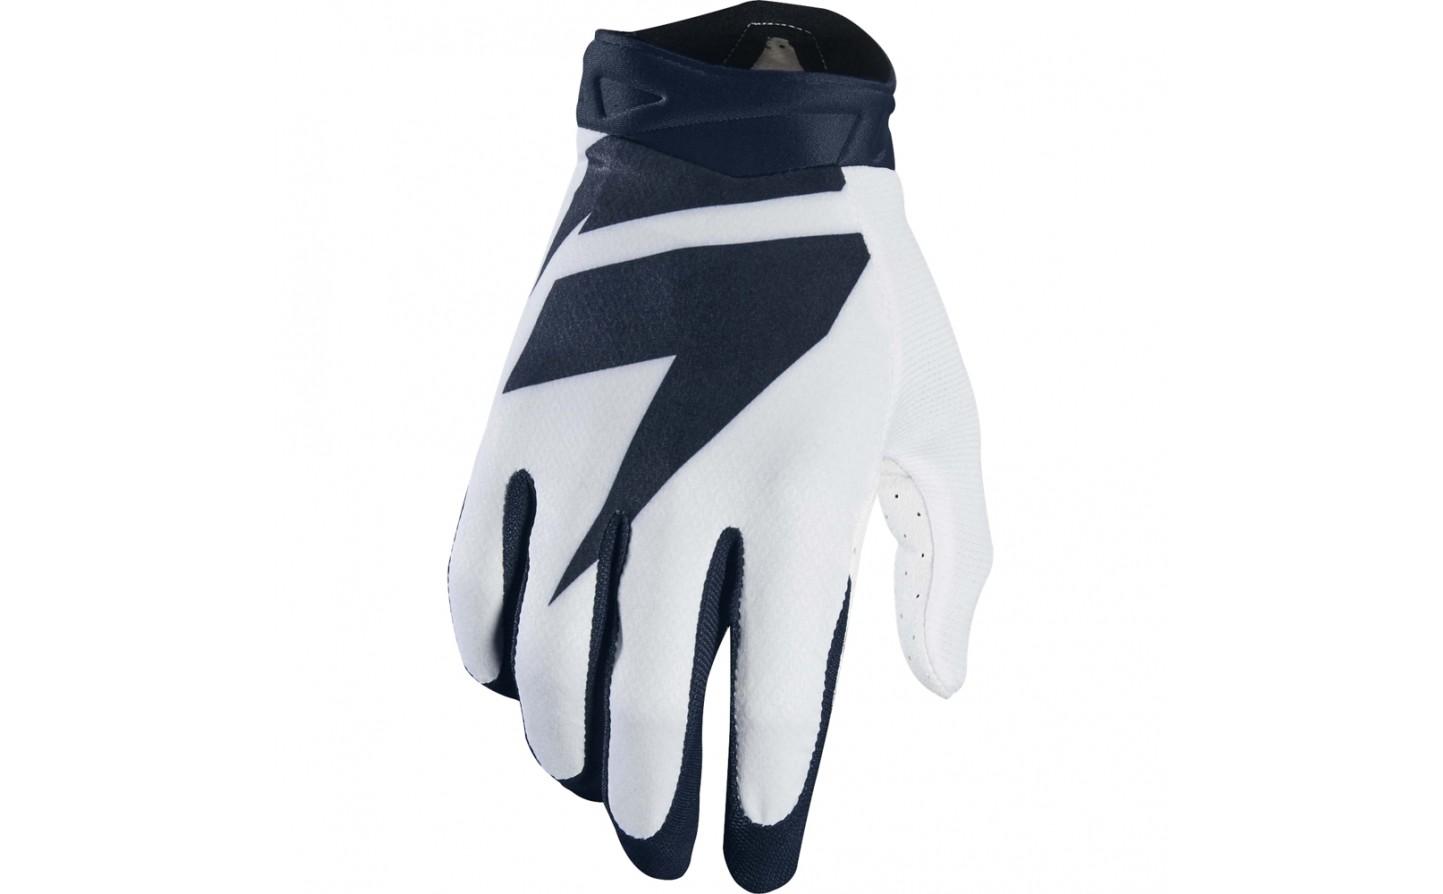 guante shift 3lack air glove blanco/negro talle s